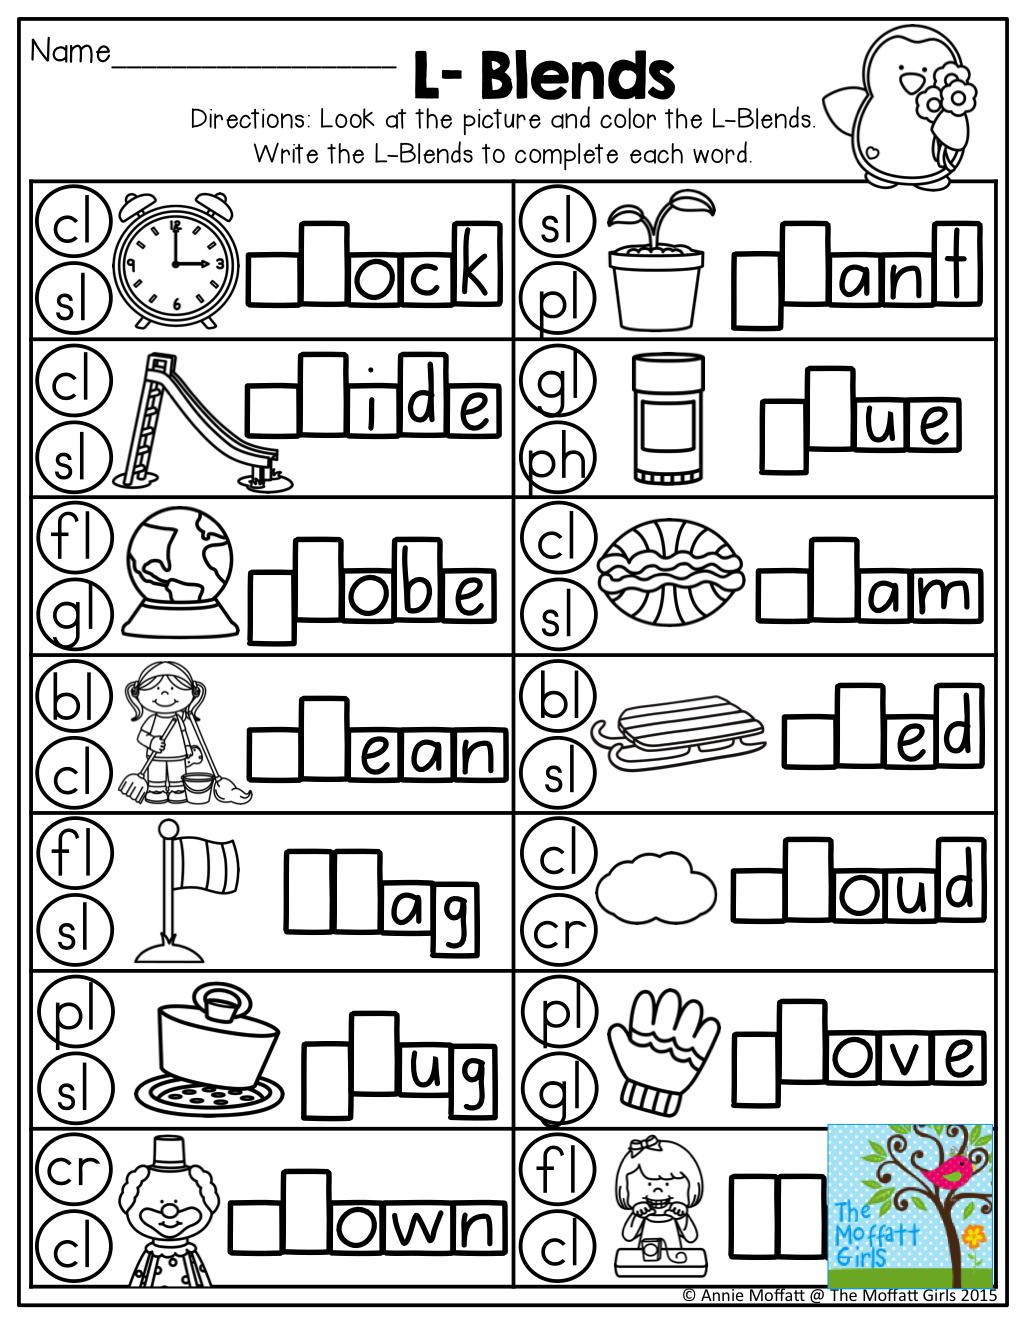 Free Printable L Blends Worksheets